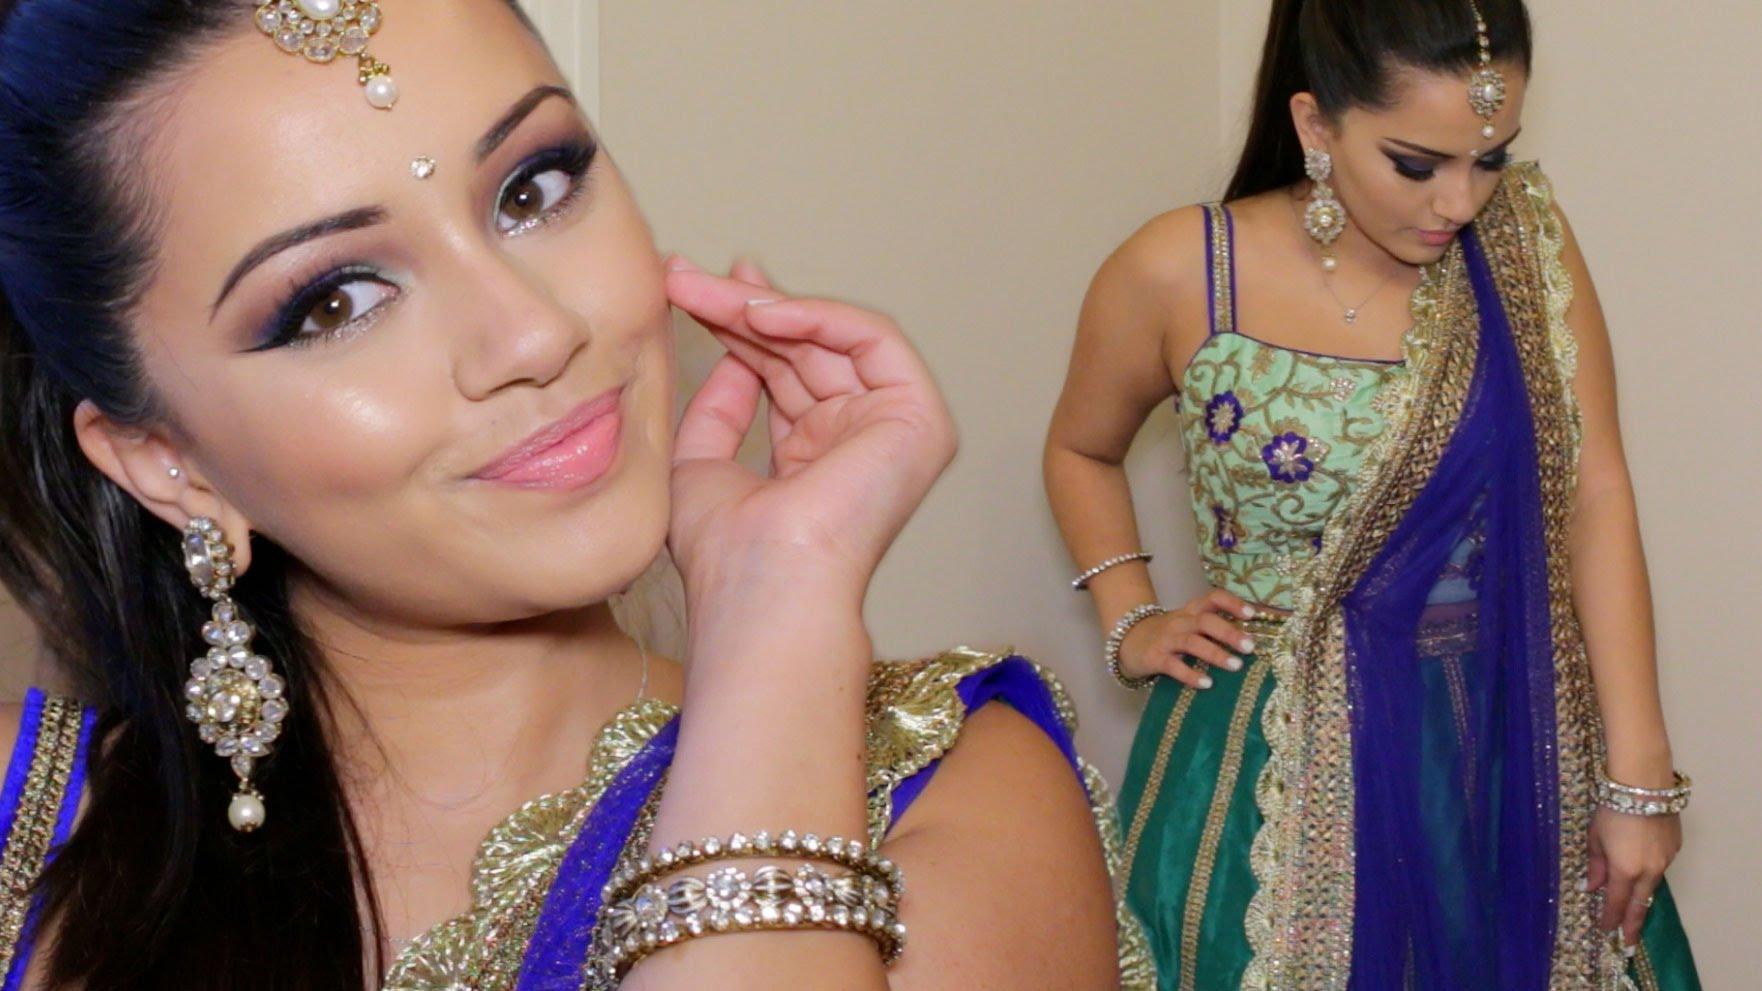 Фото макияжа индийских девушек